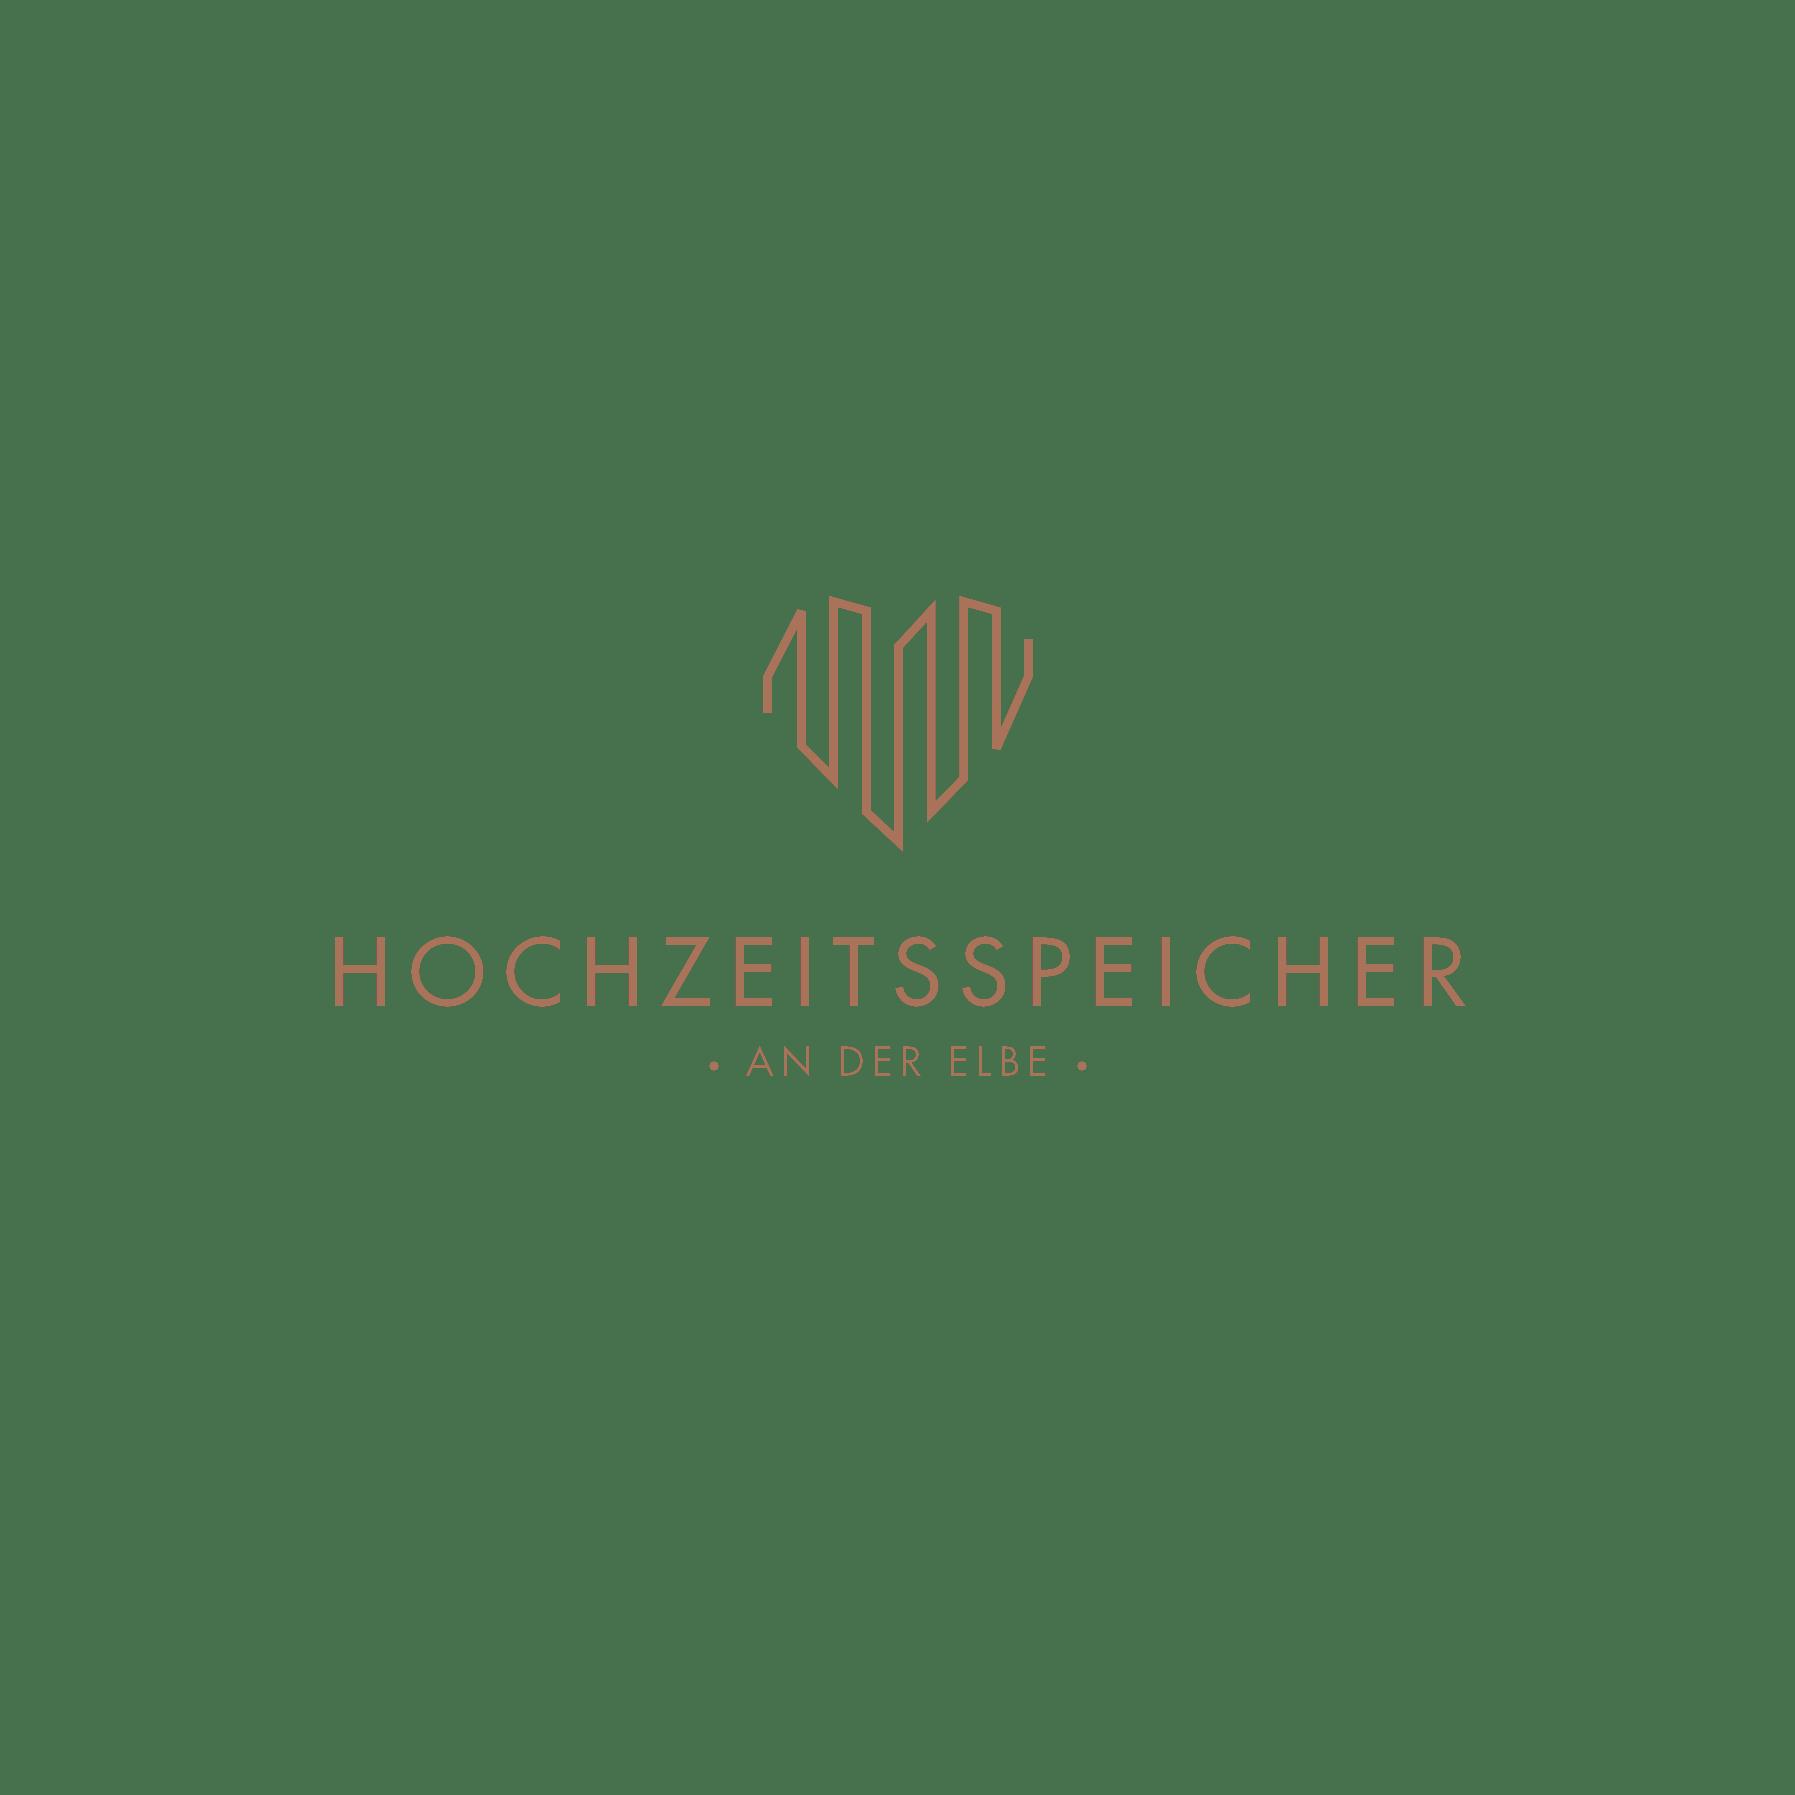 hochzeitsspeicher_logo_profilbild_facebook